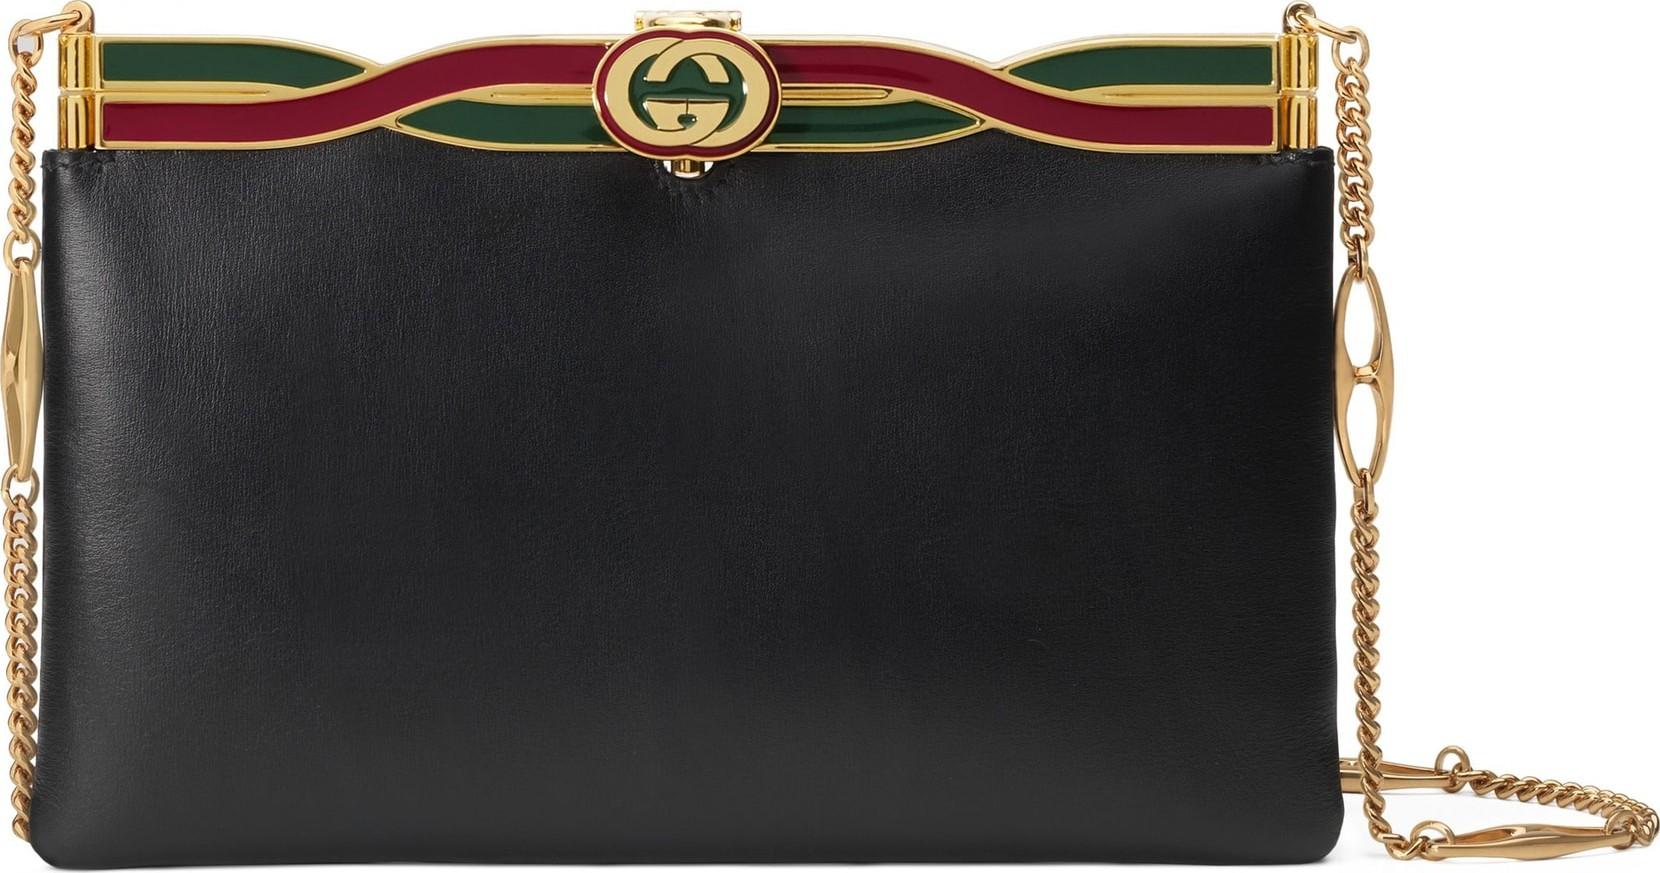 Gucci Broadway Logo Frame Leather Shoulder Bag - Mkt 6d0d595fba2bc